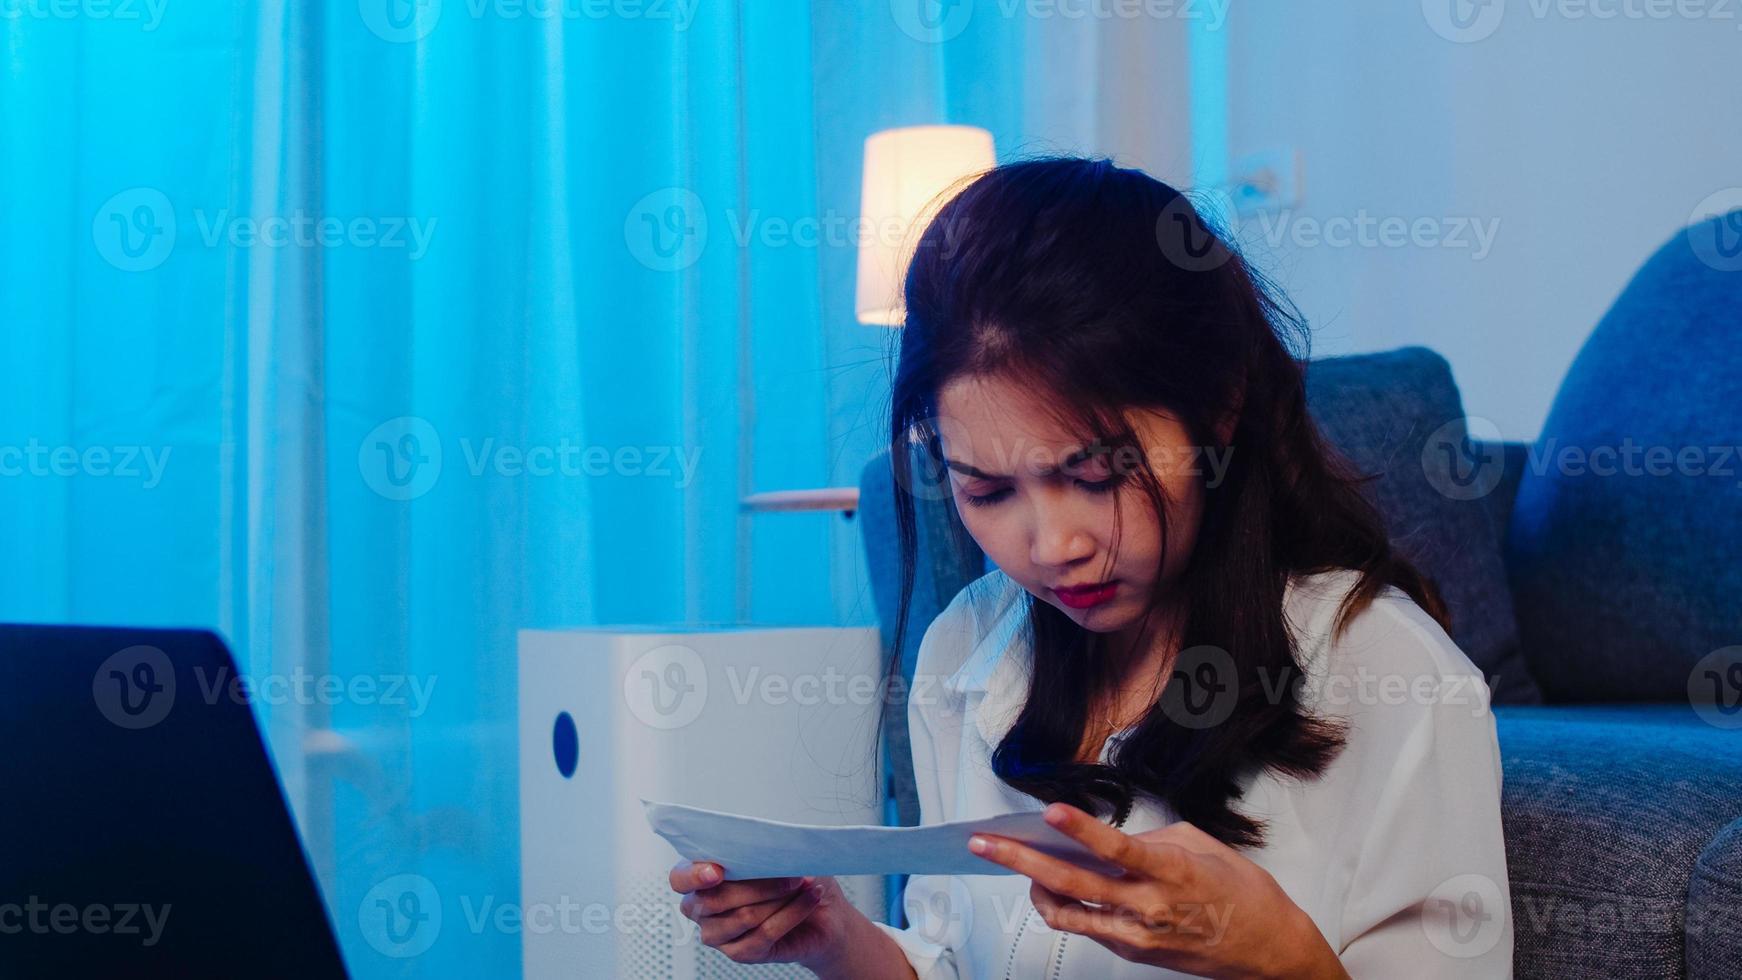 mulheres asiáticas cansadas se sentindo estressadas por causa de problemas financeiros em casa. trabalhar em casa sobrecarga à noite, trabalhar remotamente, autoisolamento, distanciamento social, quarentena para prevenção de coronavírus. foto